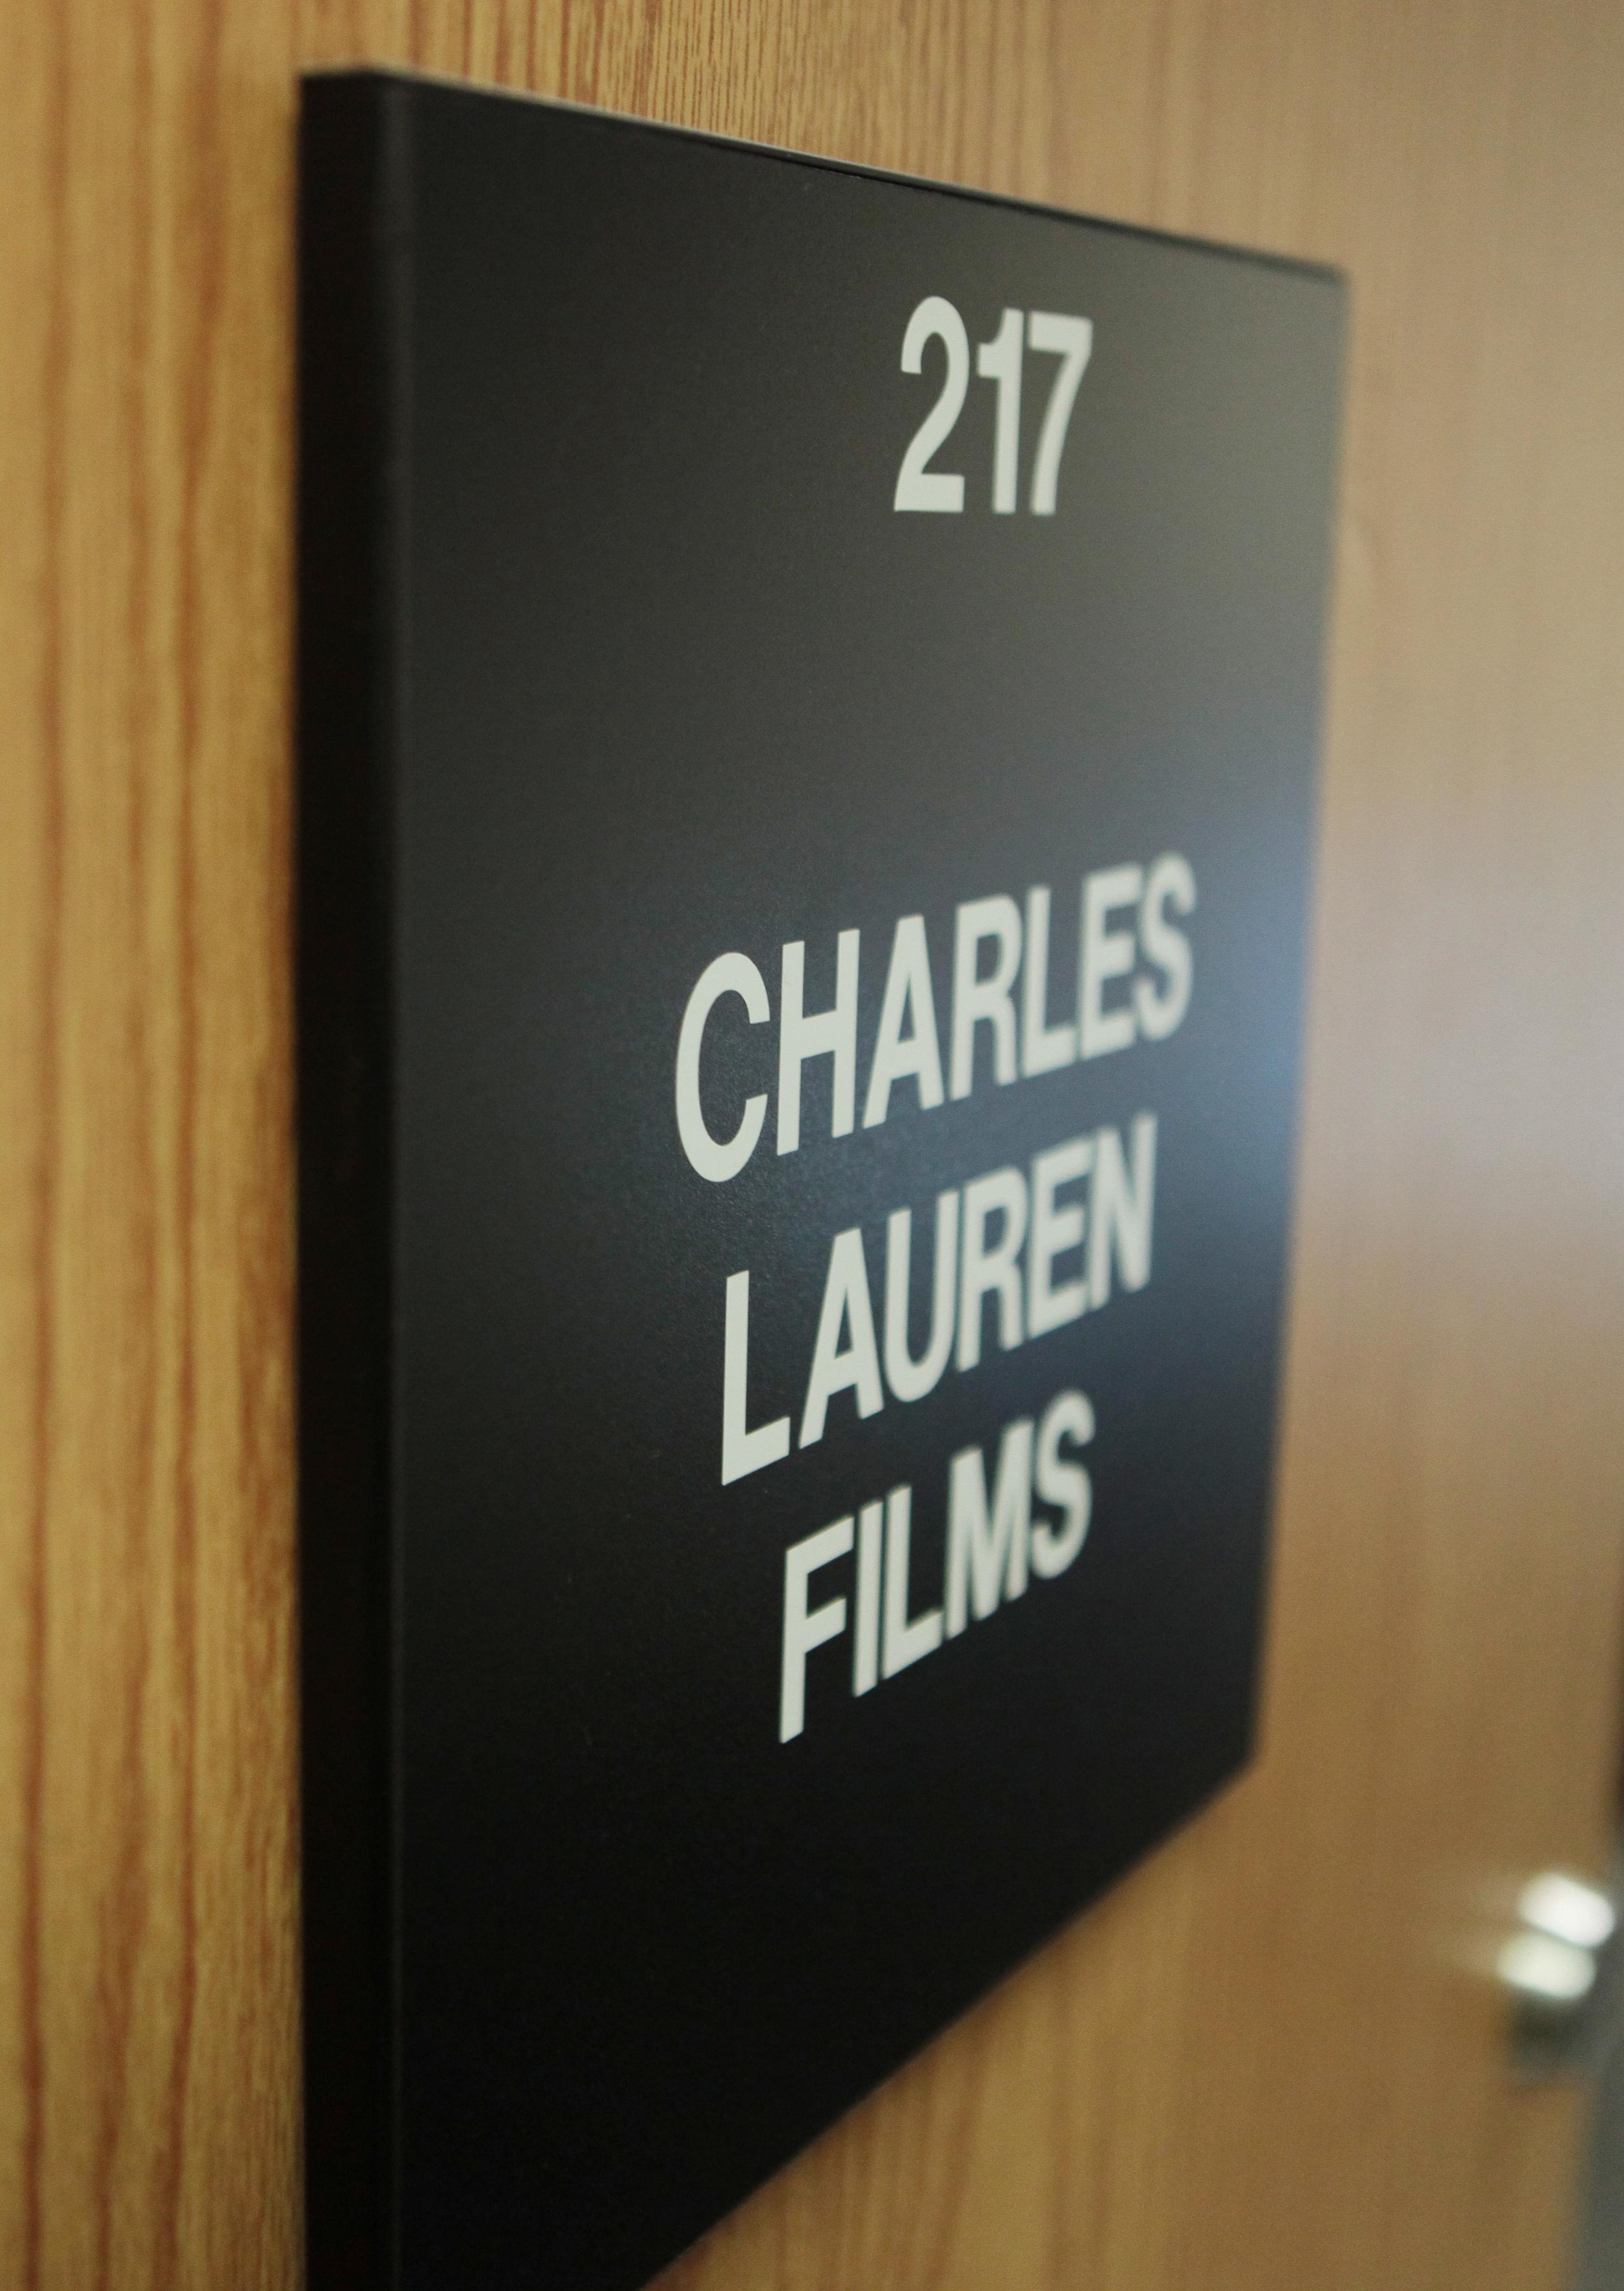 Charles Lauren Films office door today